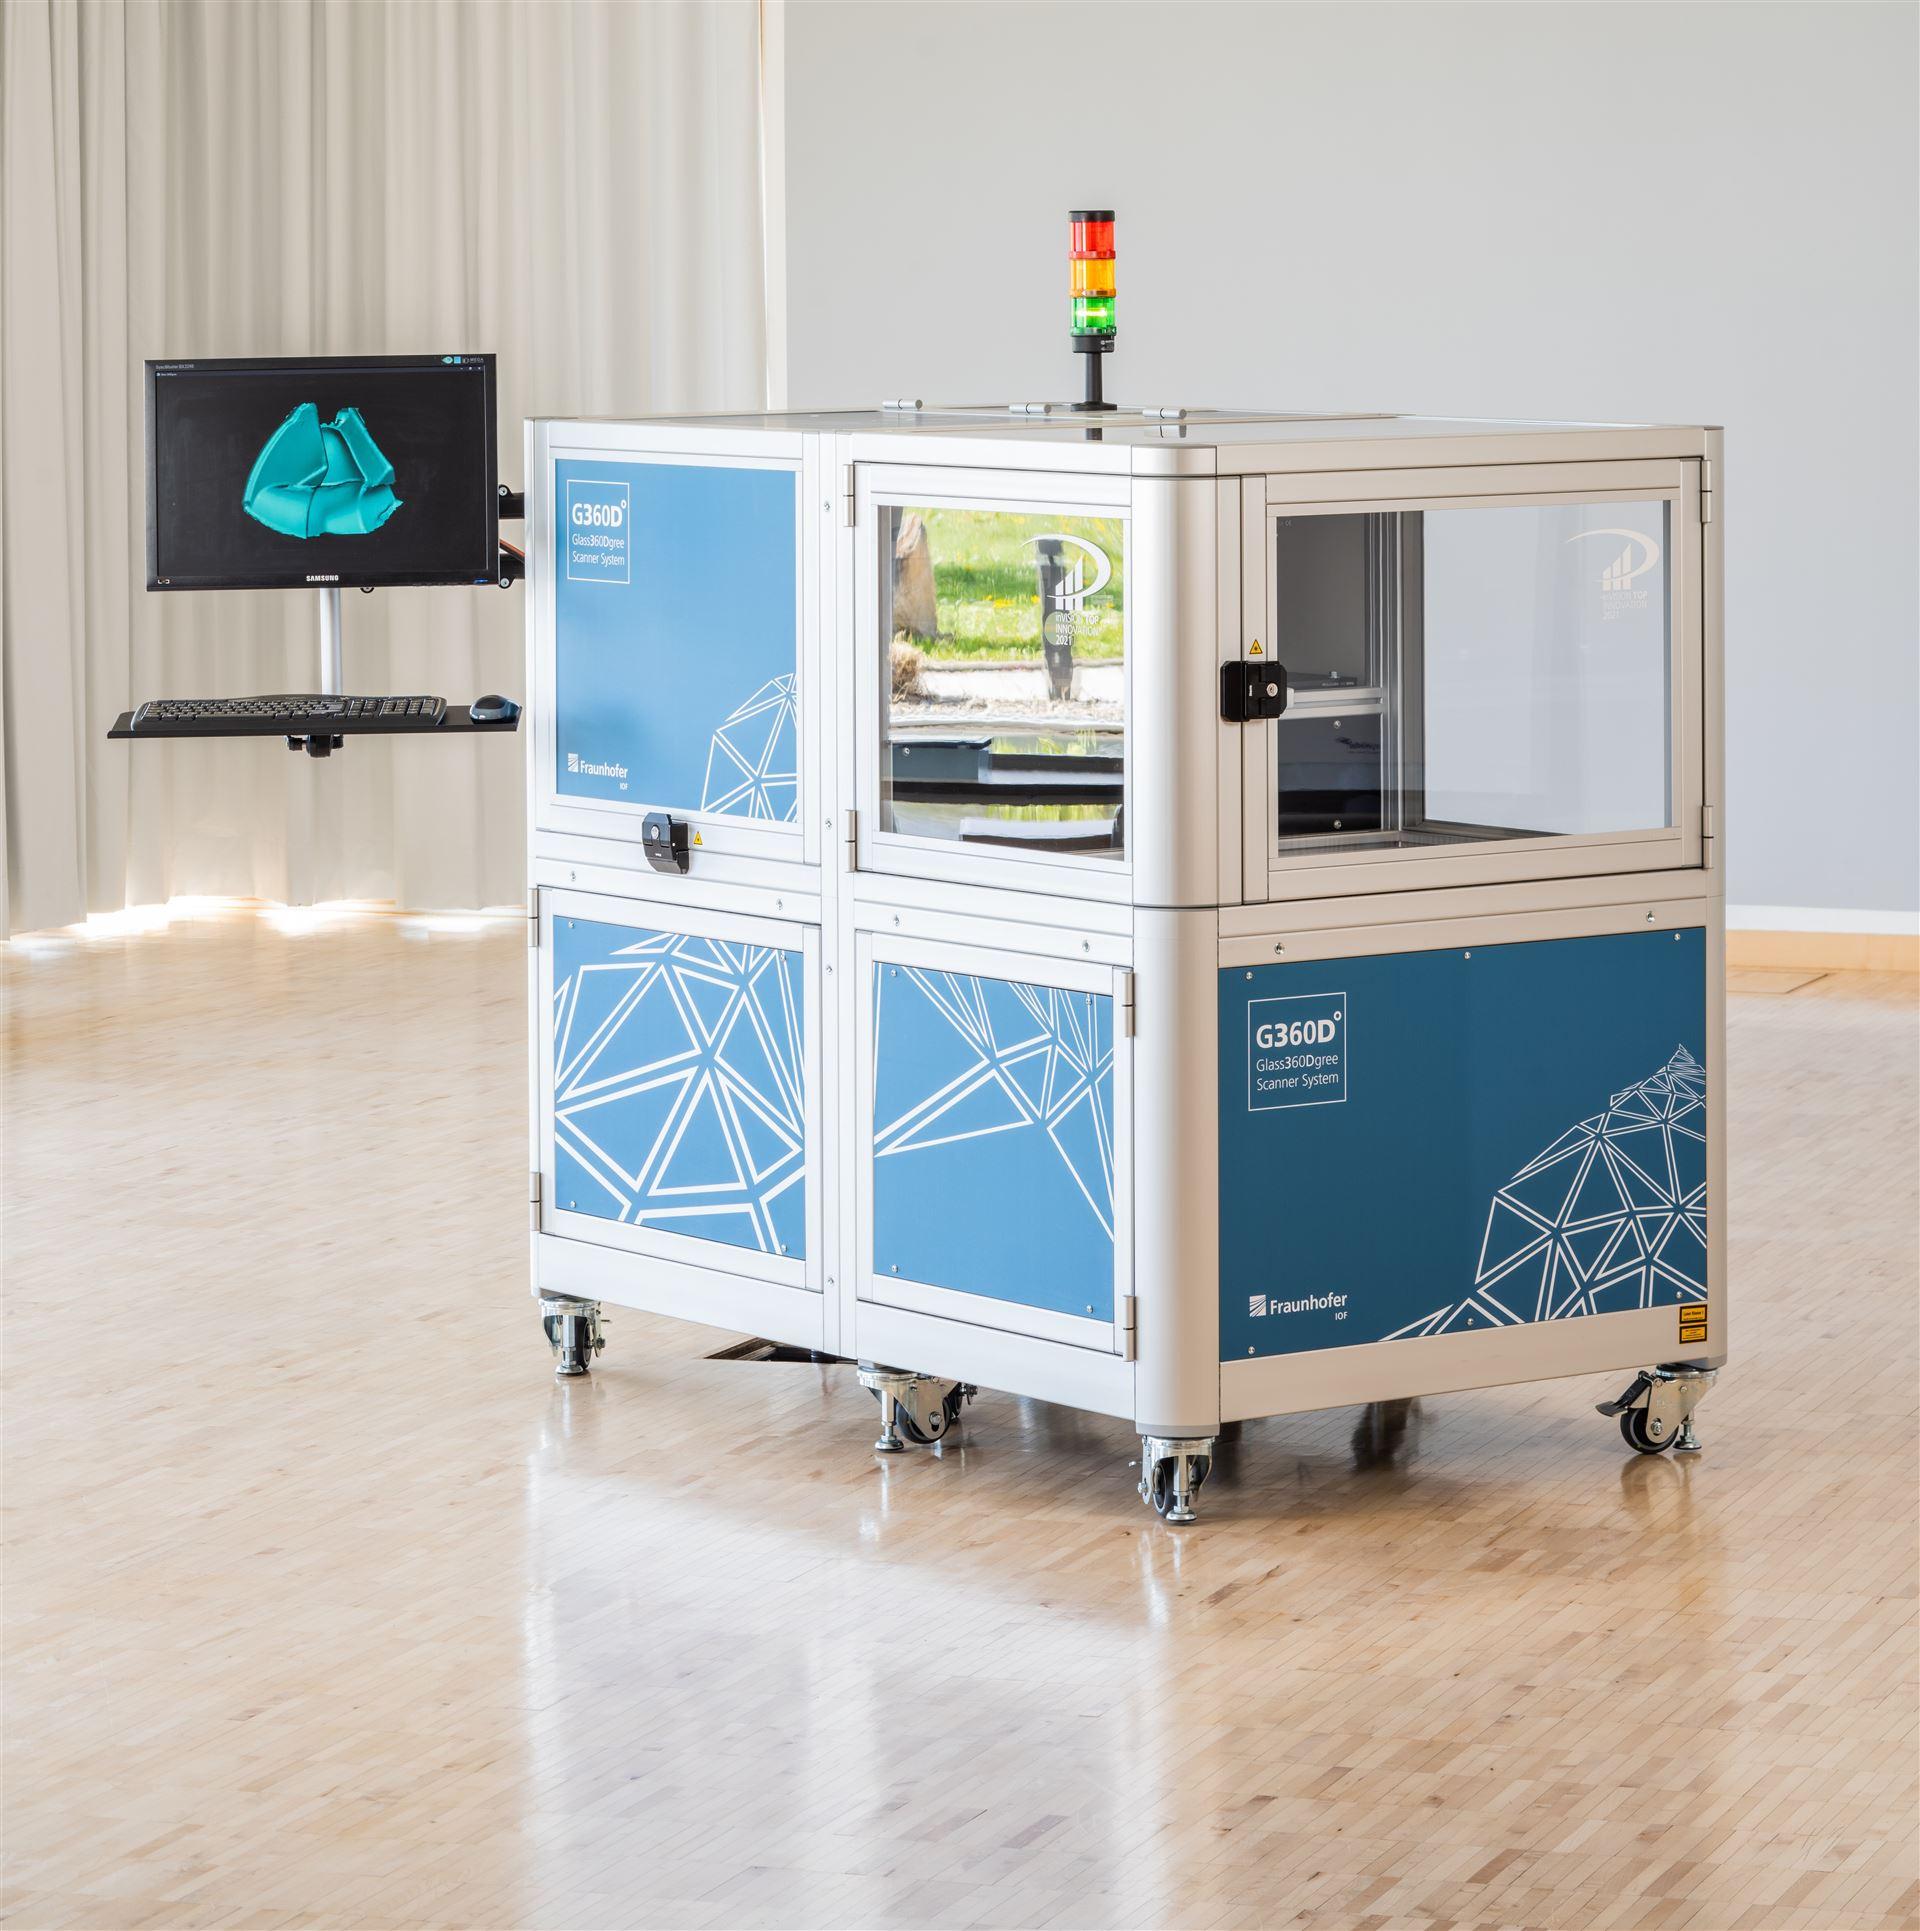 Rundum-3D-Formvermessung transparenter Objekte mit thermischer Streifenprojektion